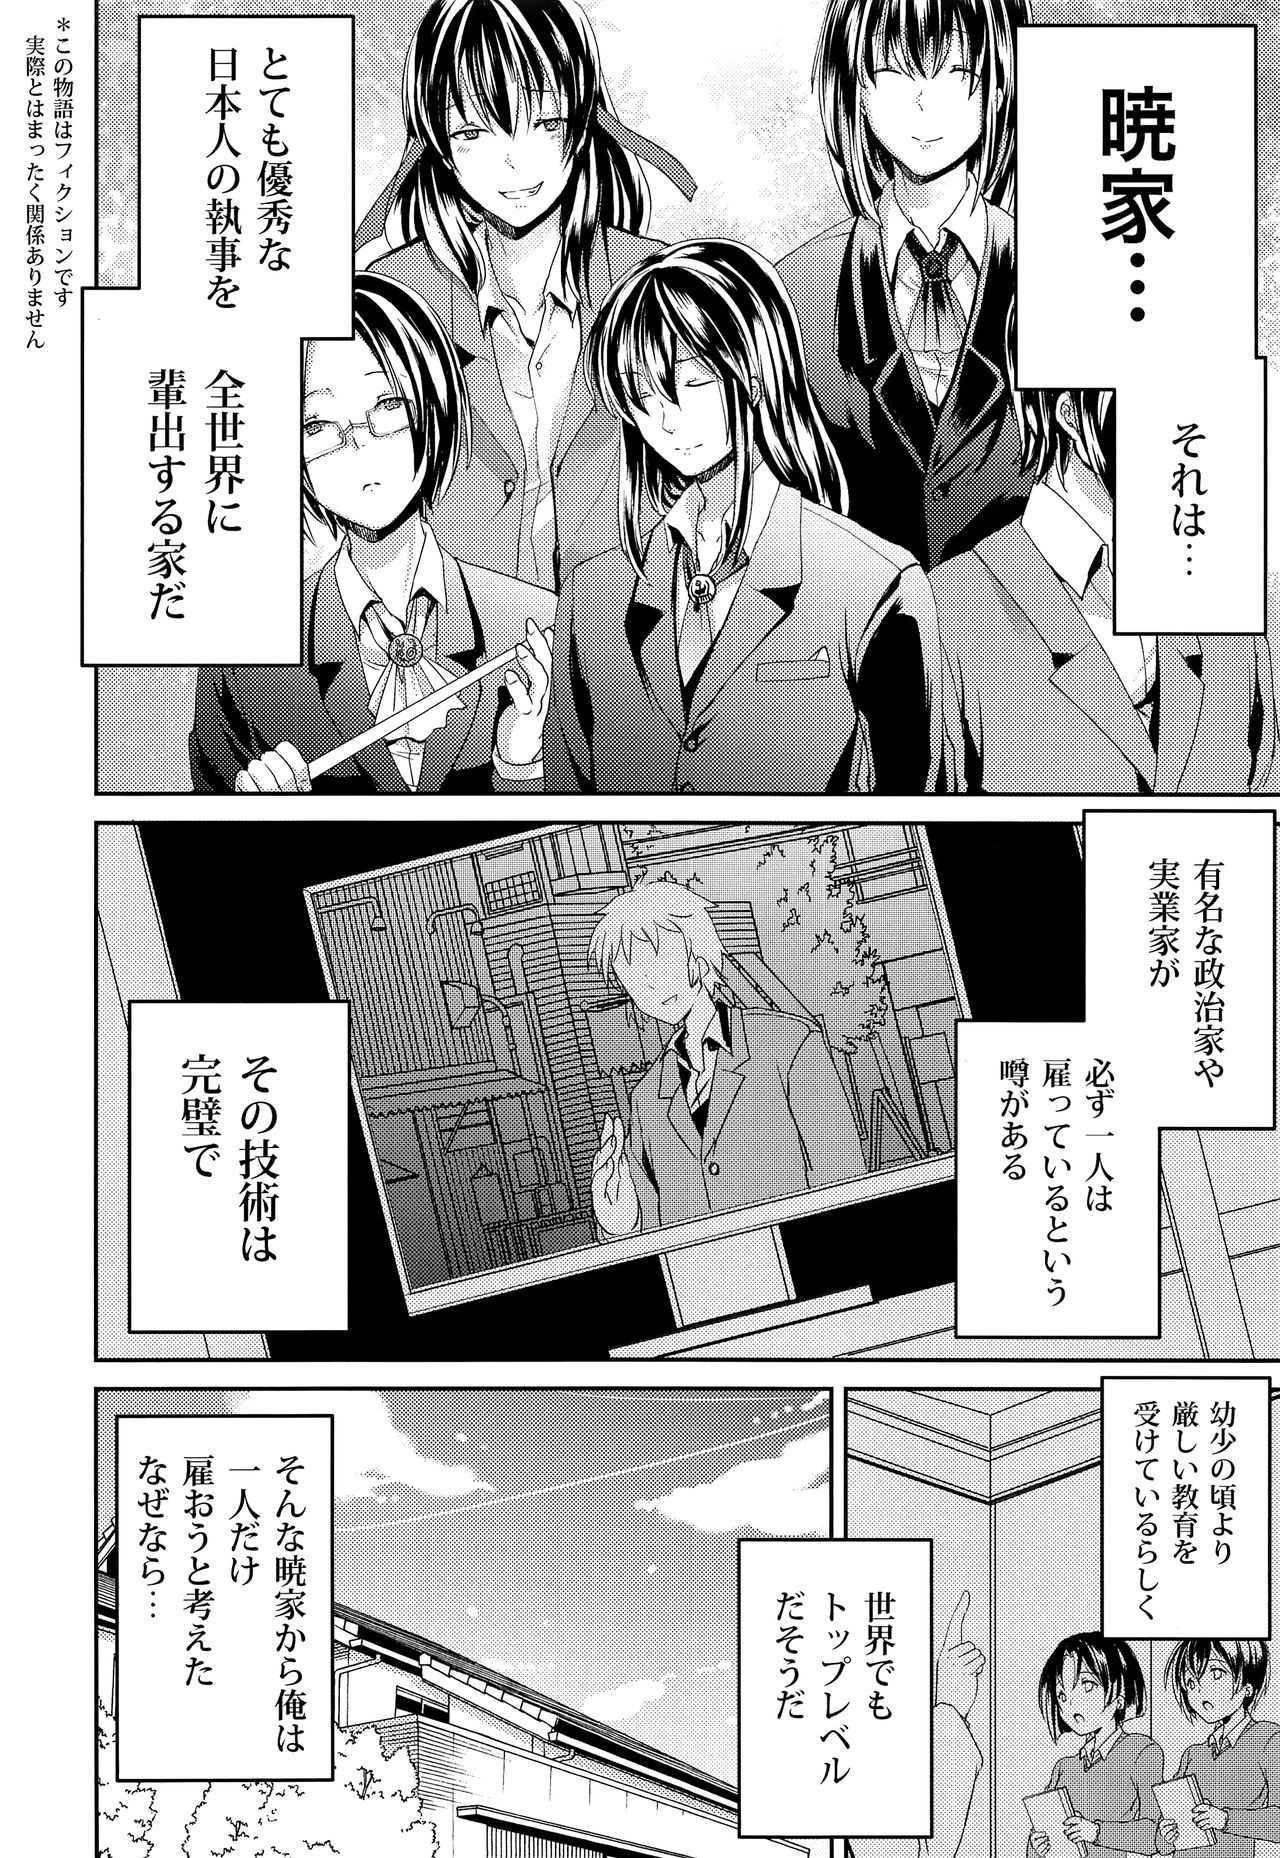 ゲイ 漫画 メスイキ オリジナル